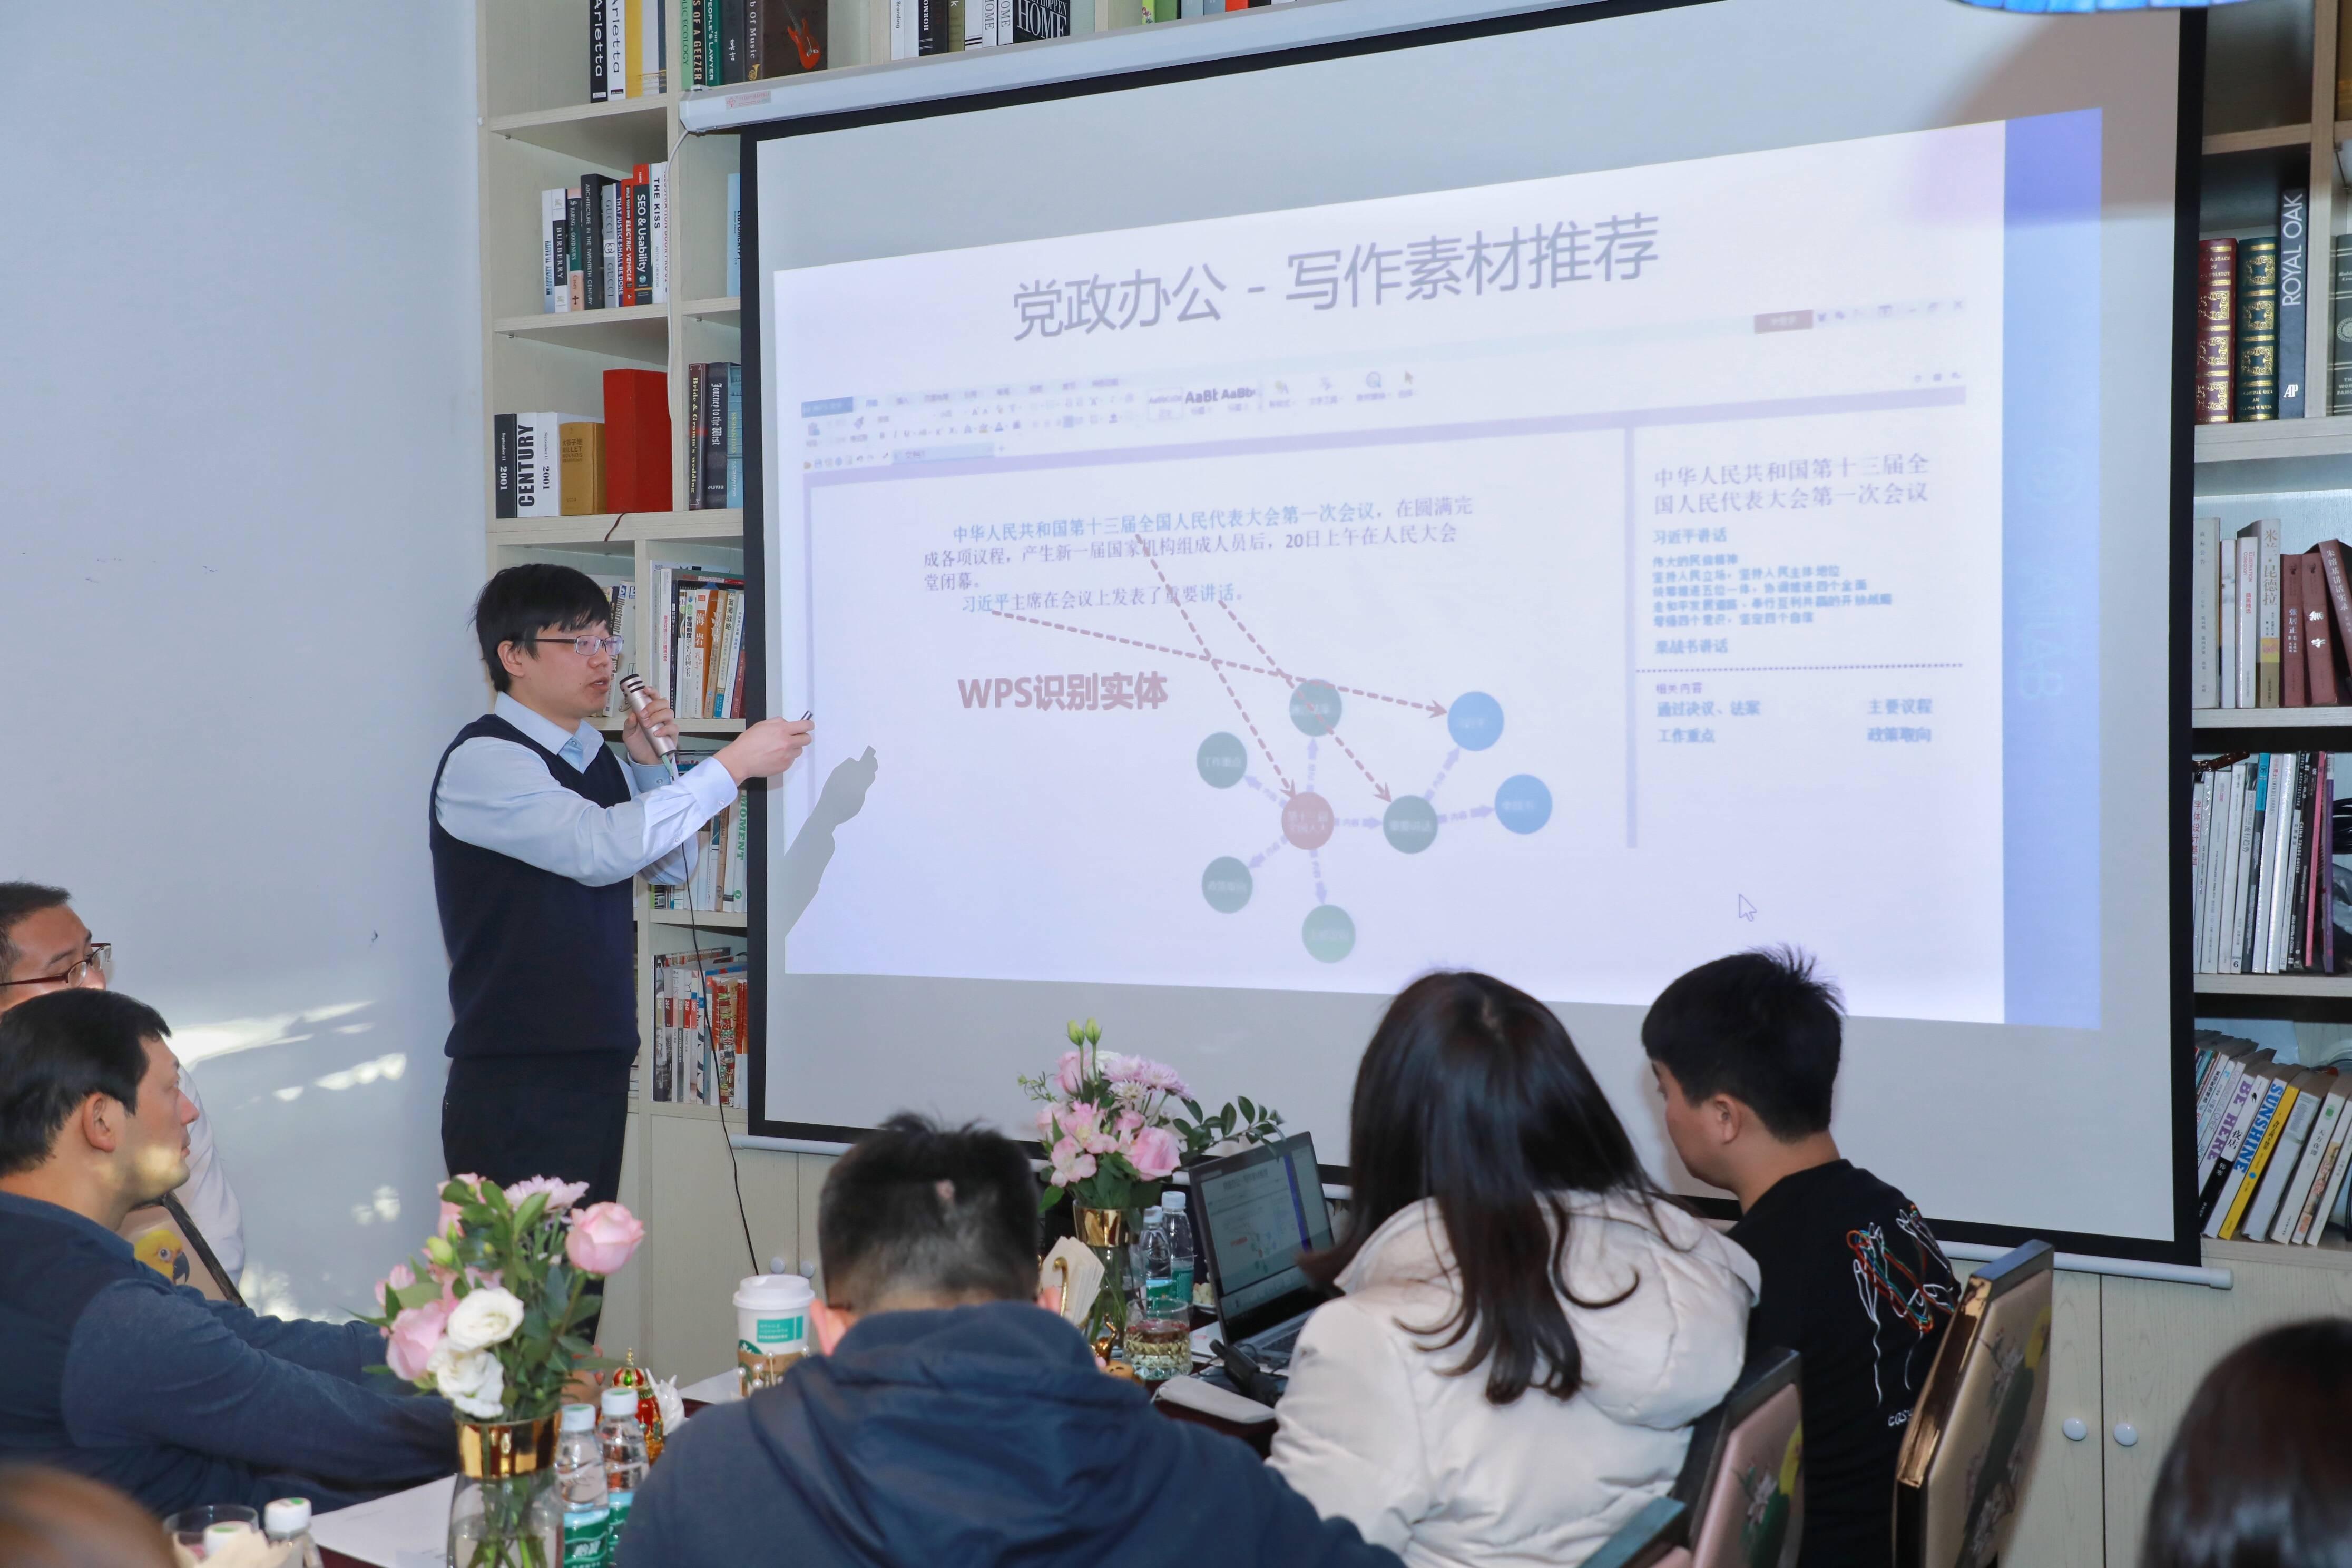 金山AI Lab负责人李长亮